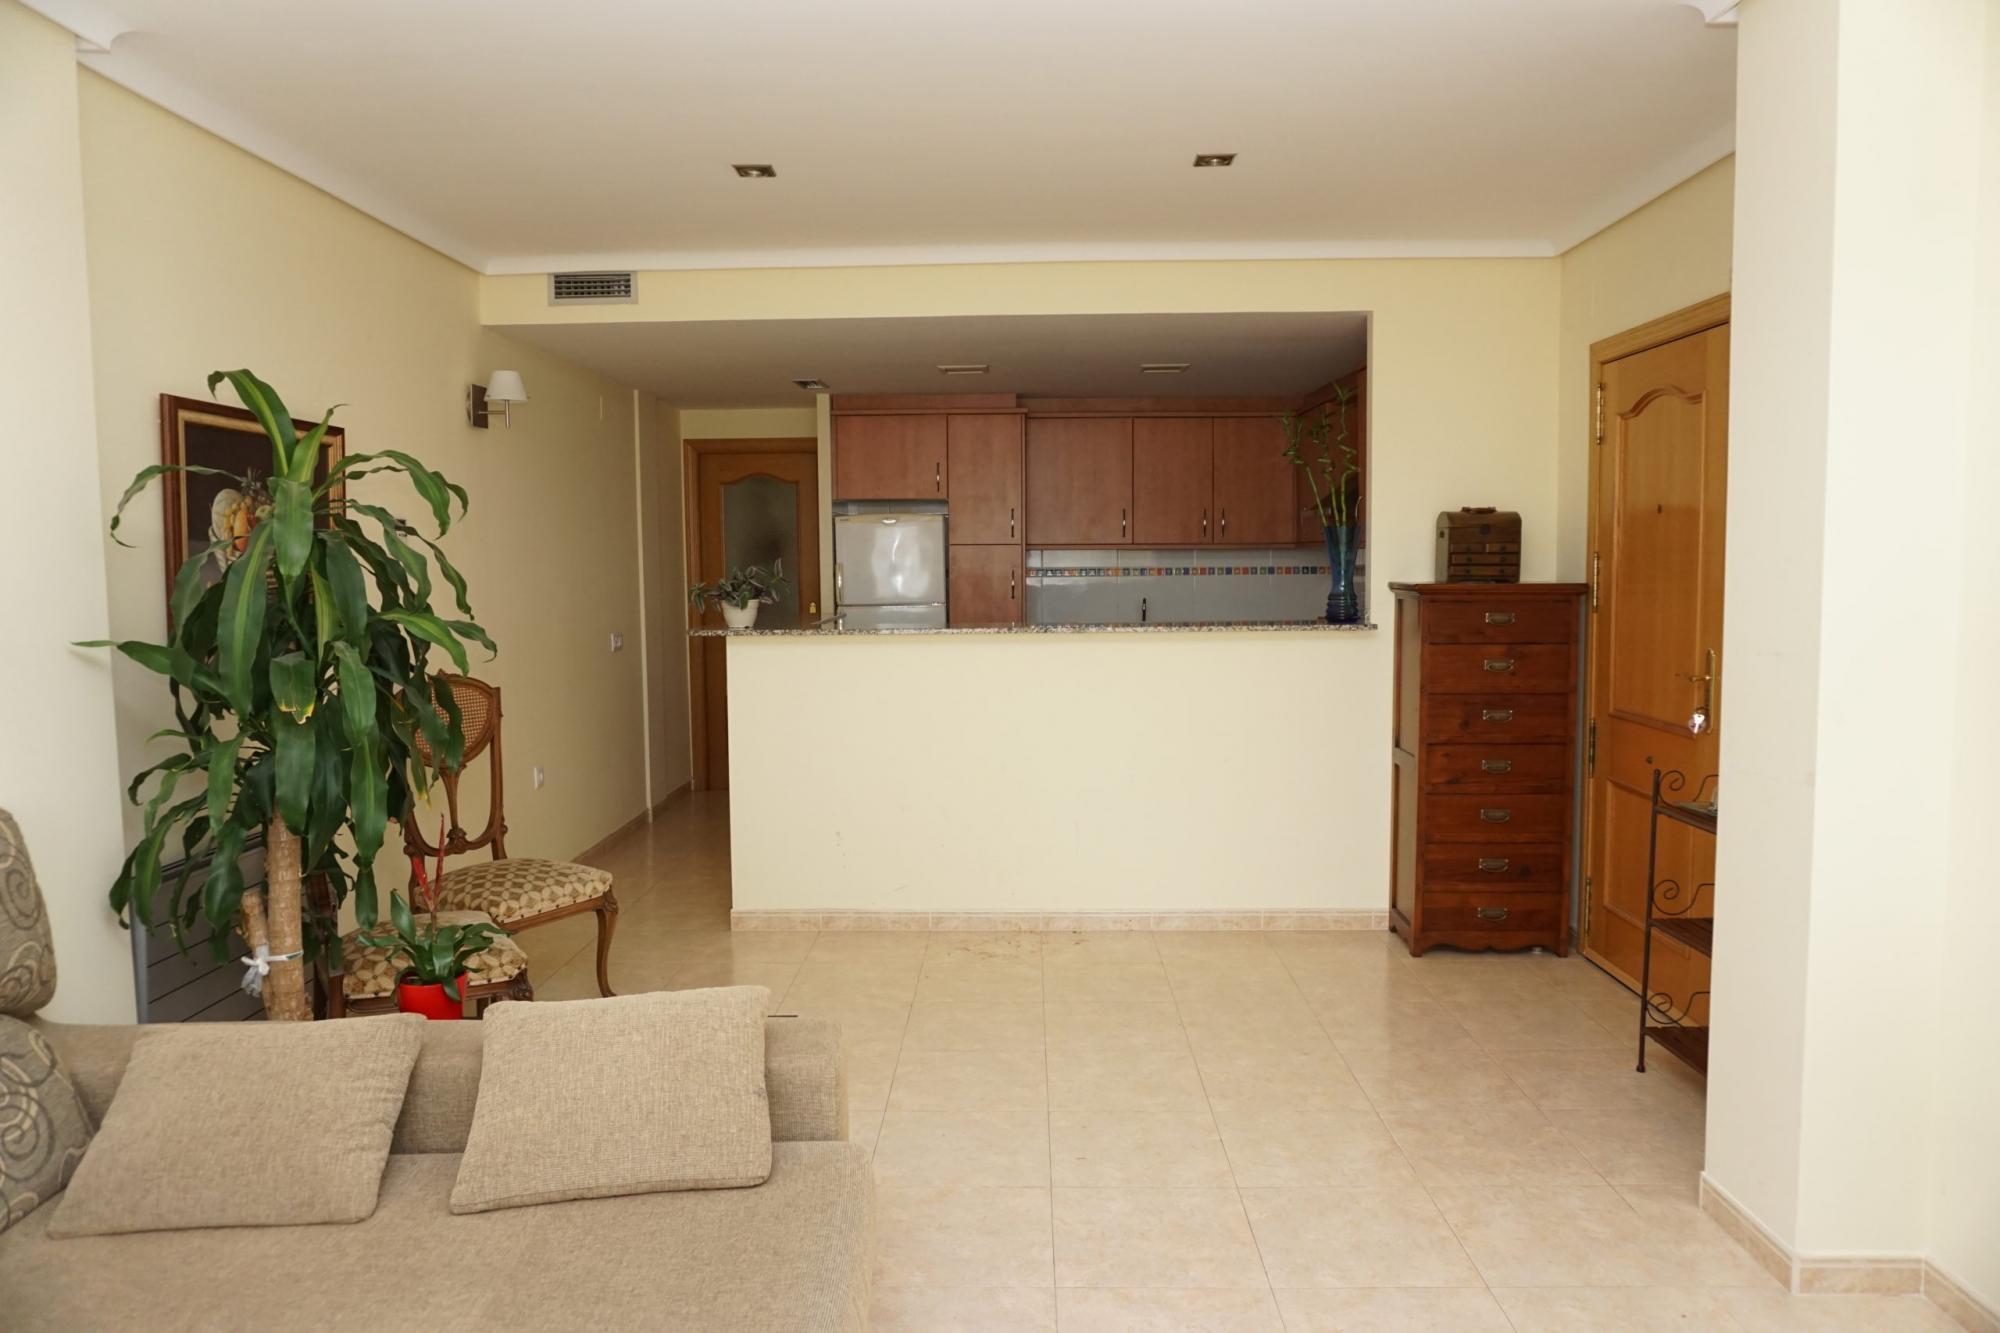 Vivienda en venta en Burriana (Castellón) zona puerto